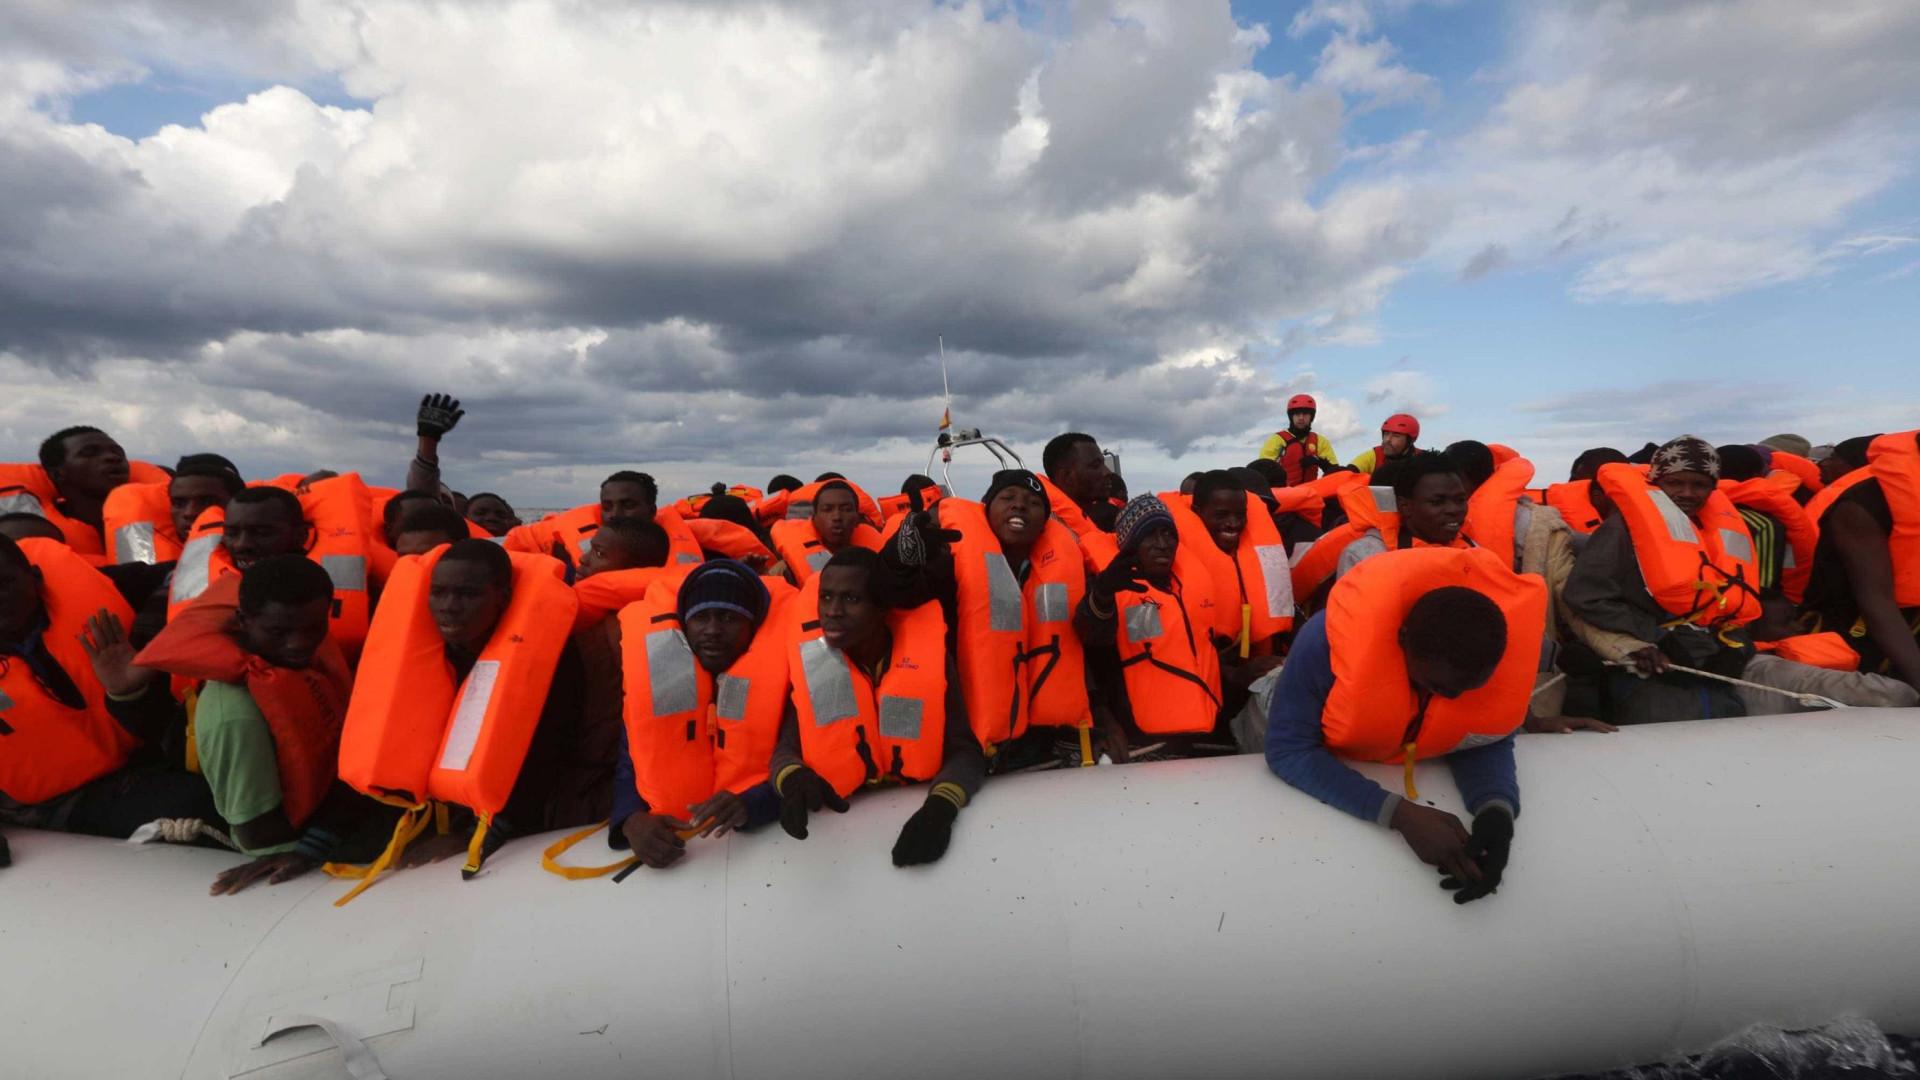 Autarca de lampedusa, Itália, queixa-se de imigrantes